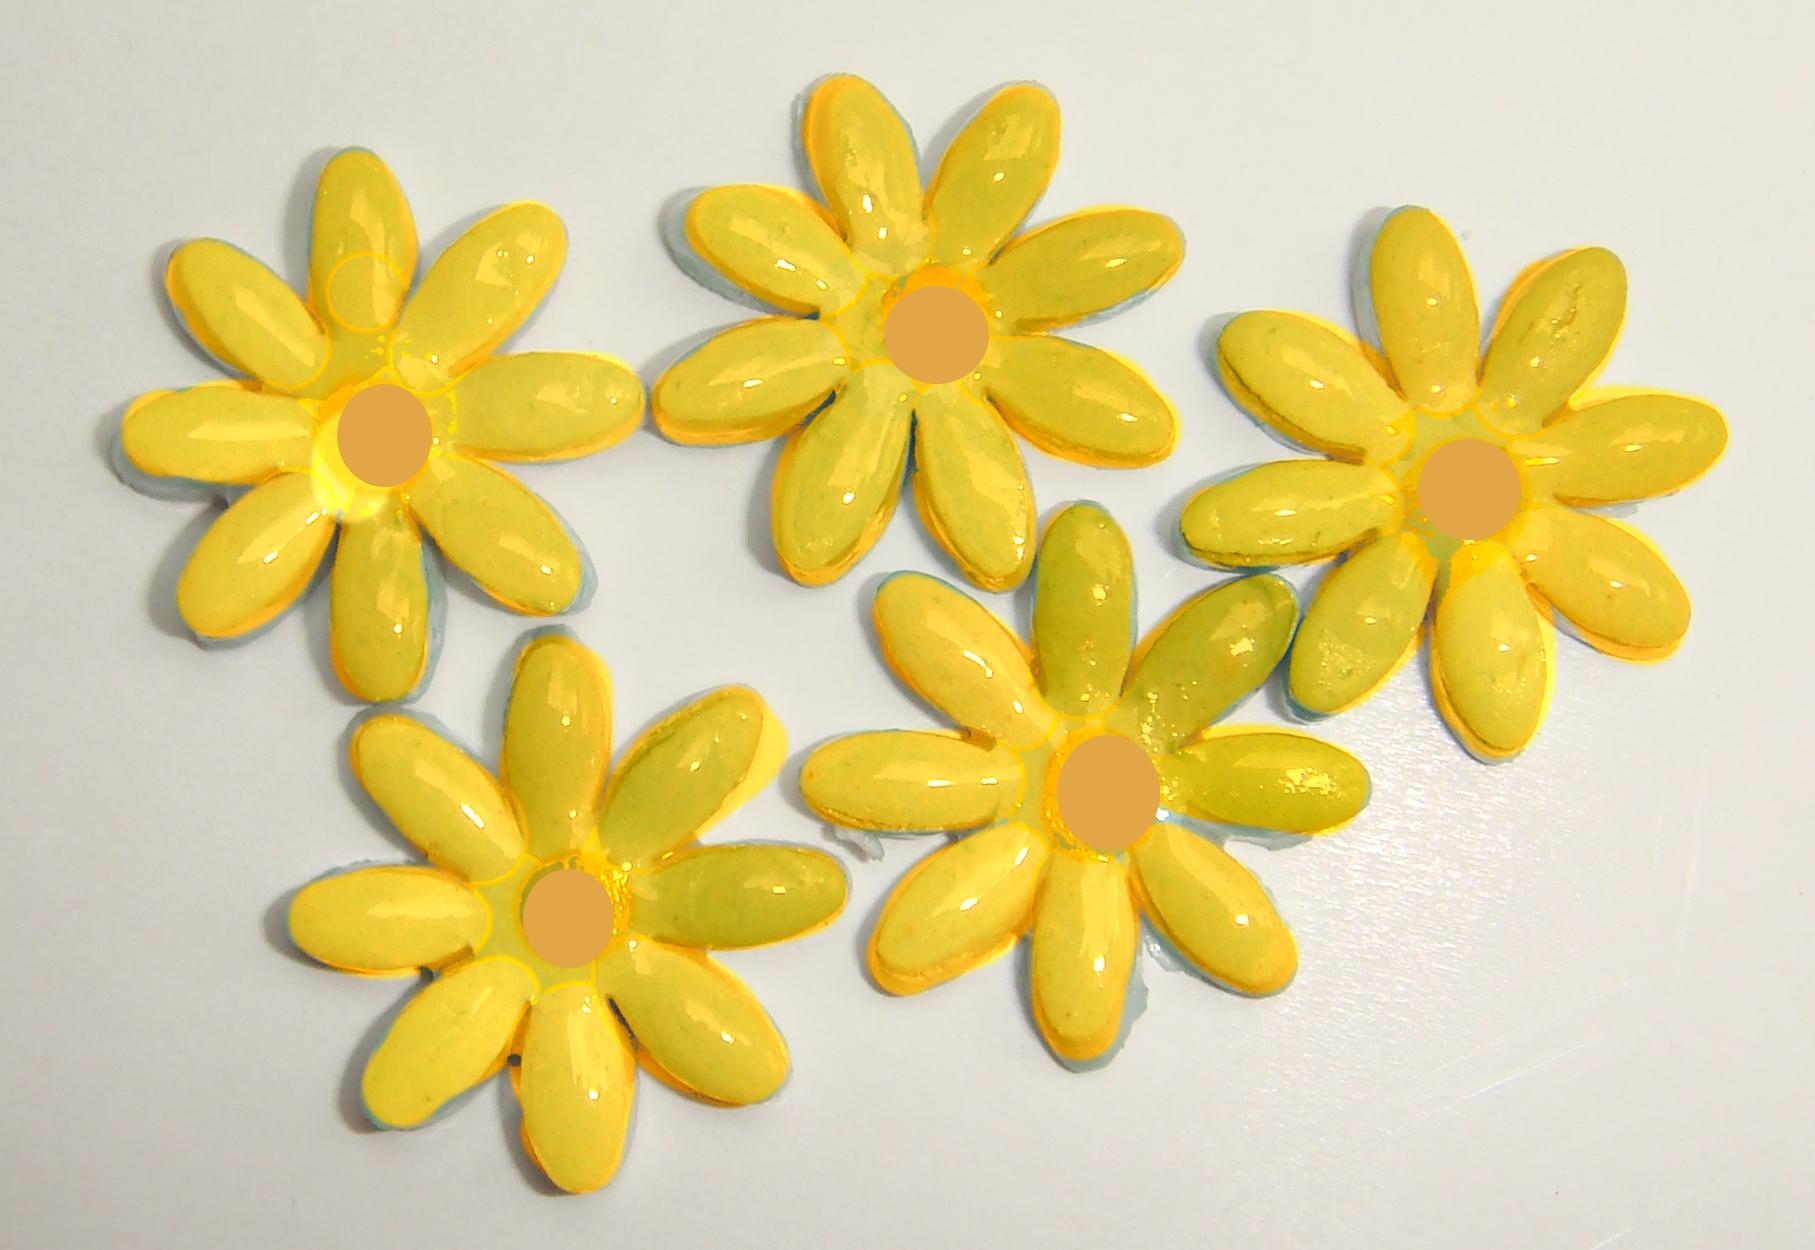 FLO-004 Daisy Small Yellow